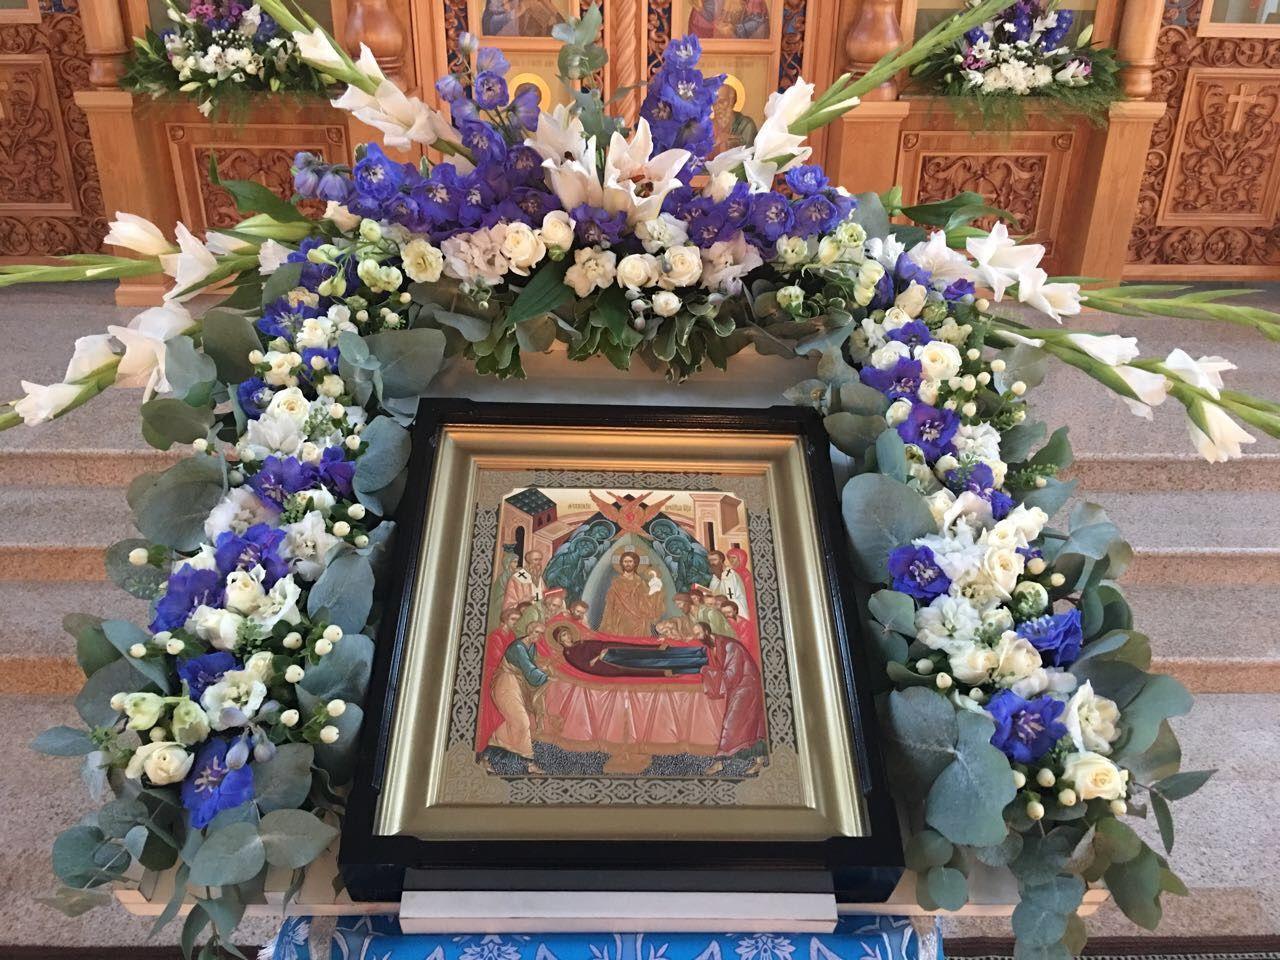 густота кроны украшение плащаницы живыми цветами фото фото голыми